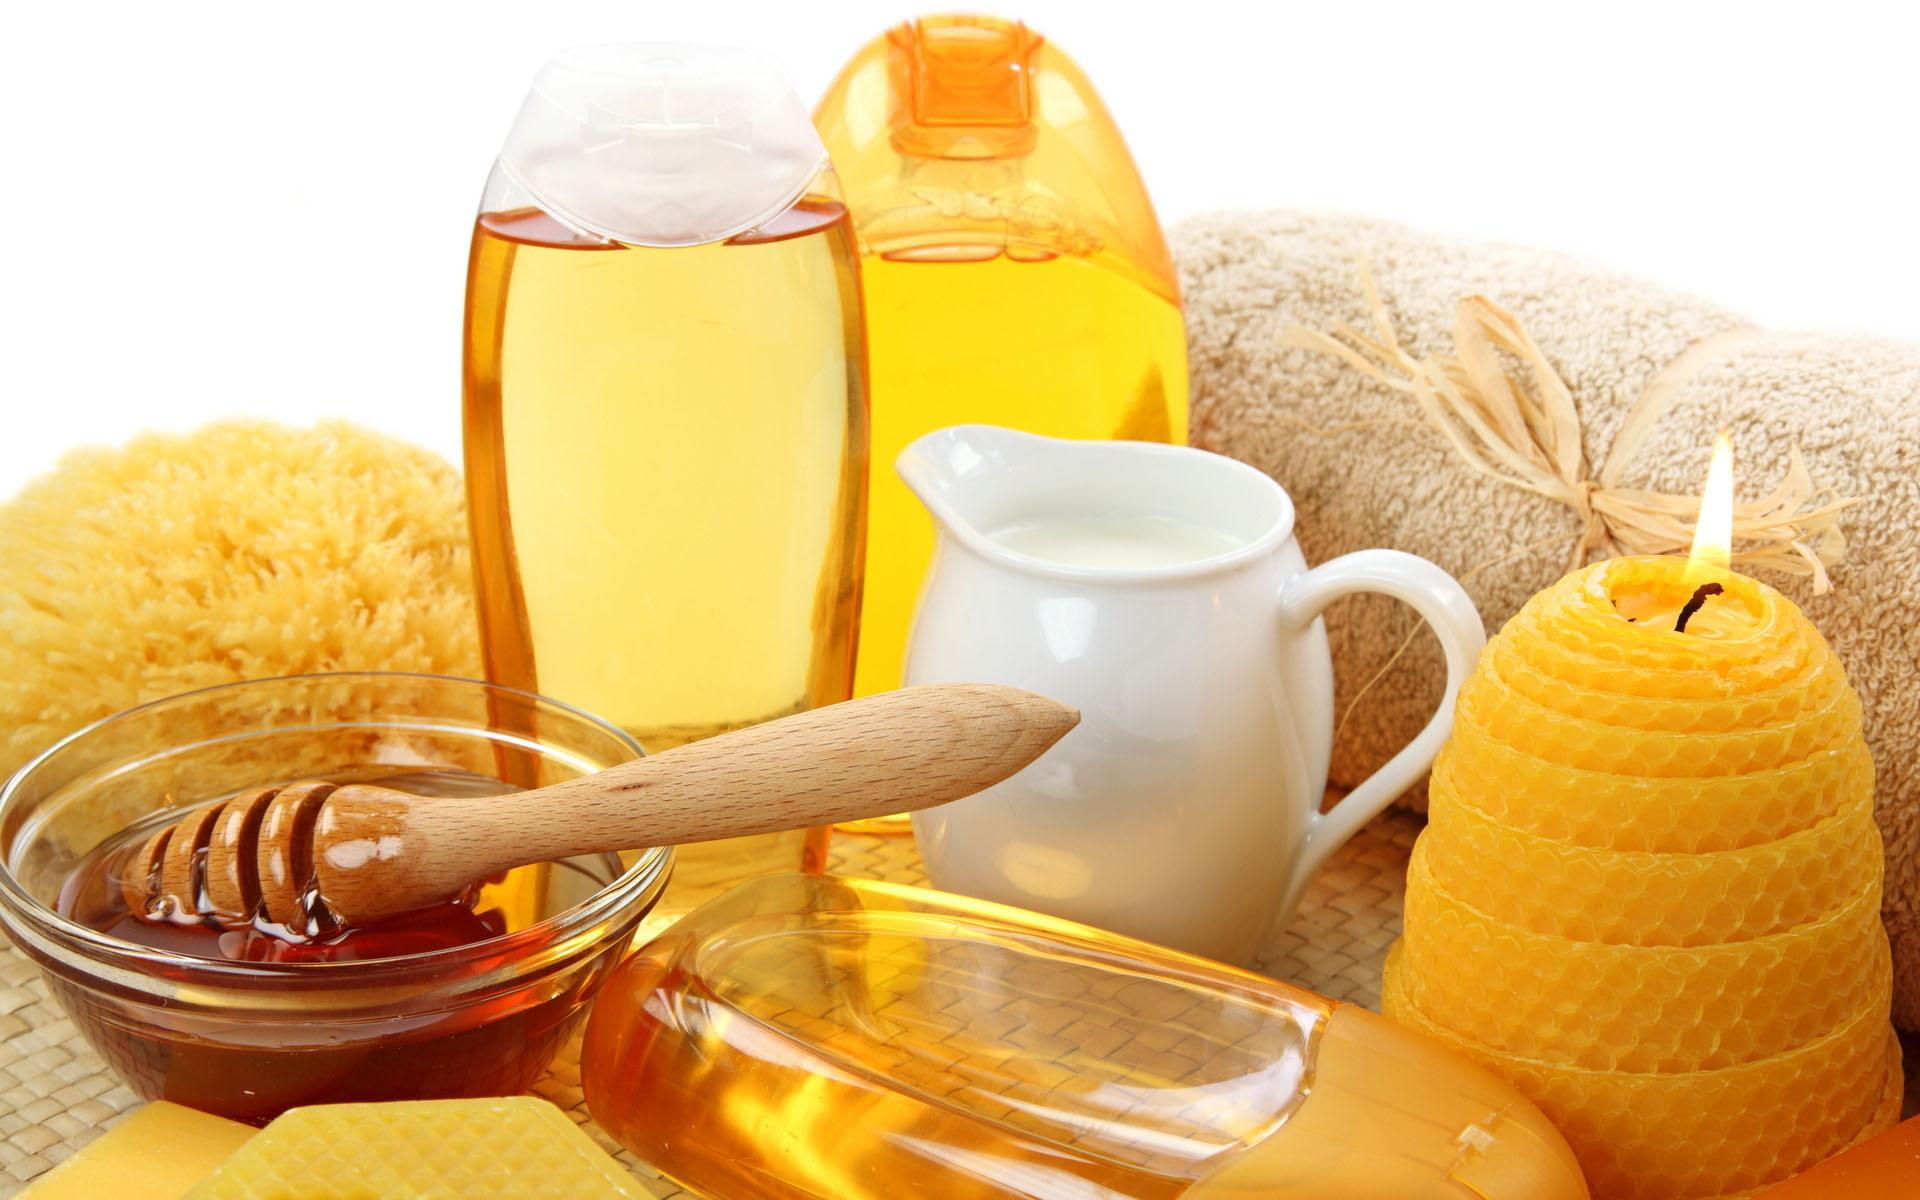 produse apicole tratament comun tratamentul artrozei cu coran și sunna